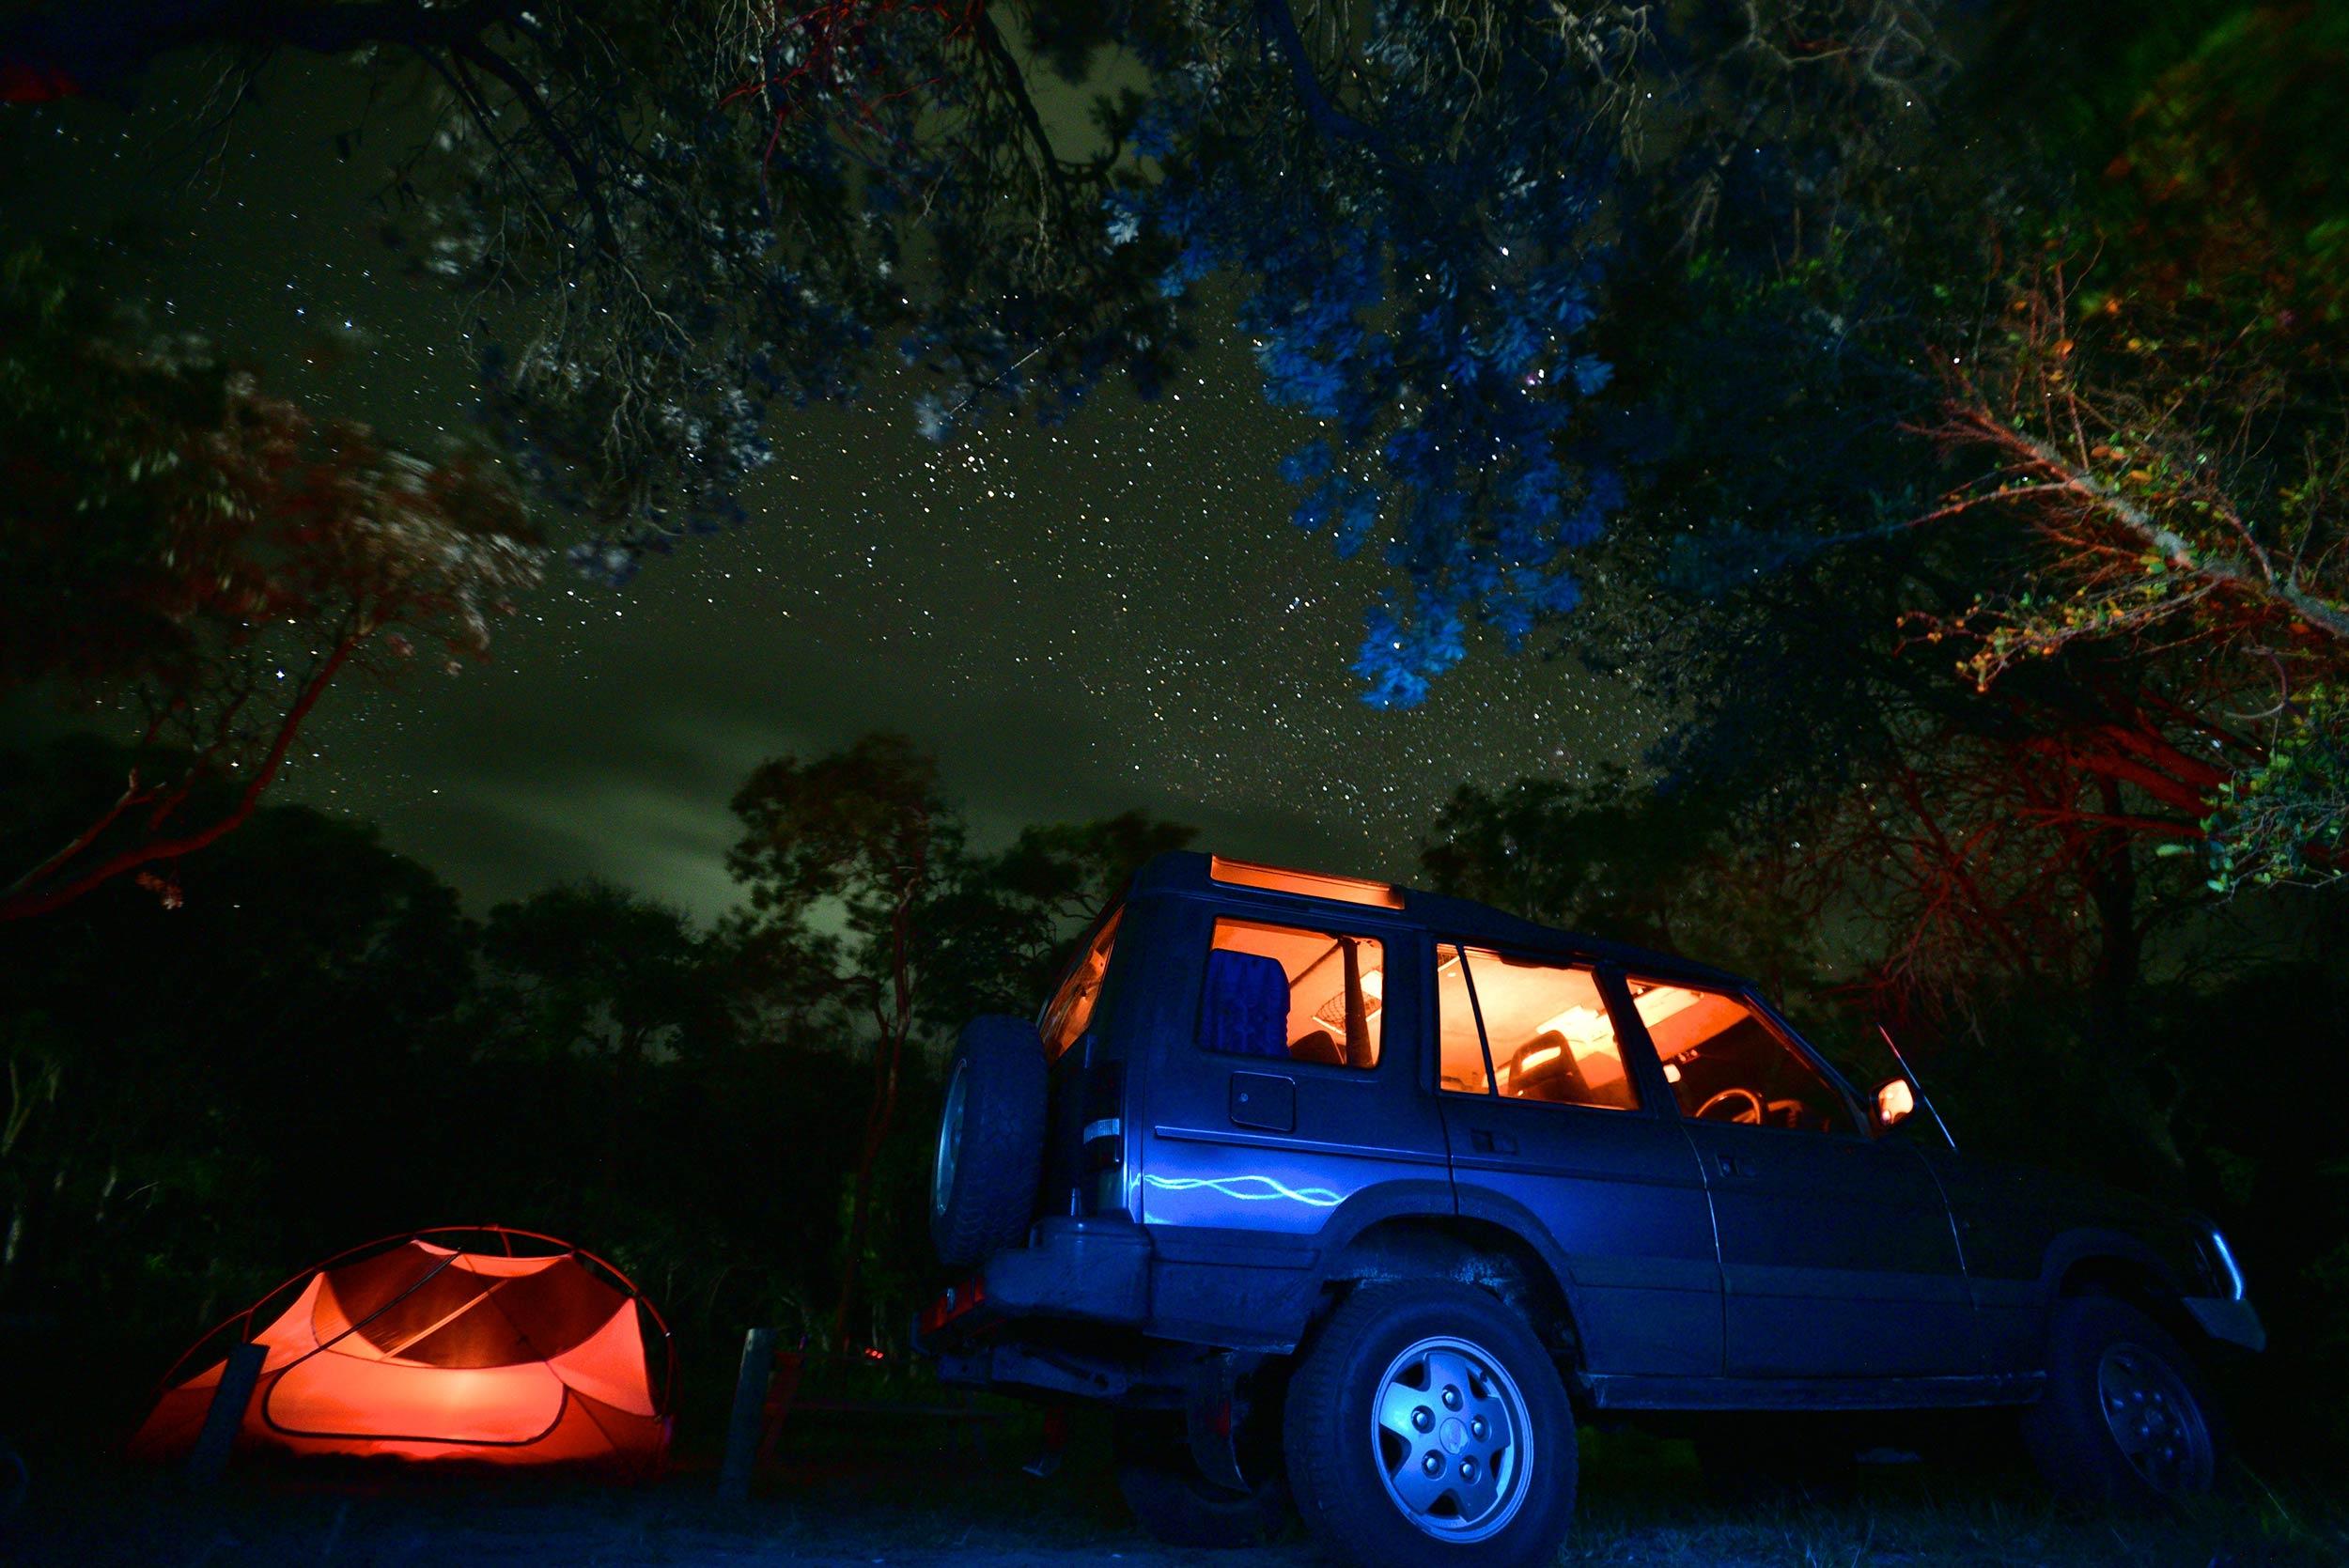 fraser_island_land_rover_night_camping_stars.jpg